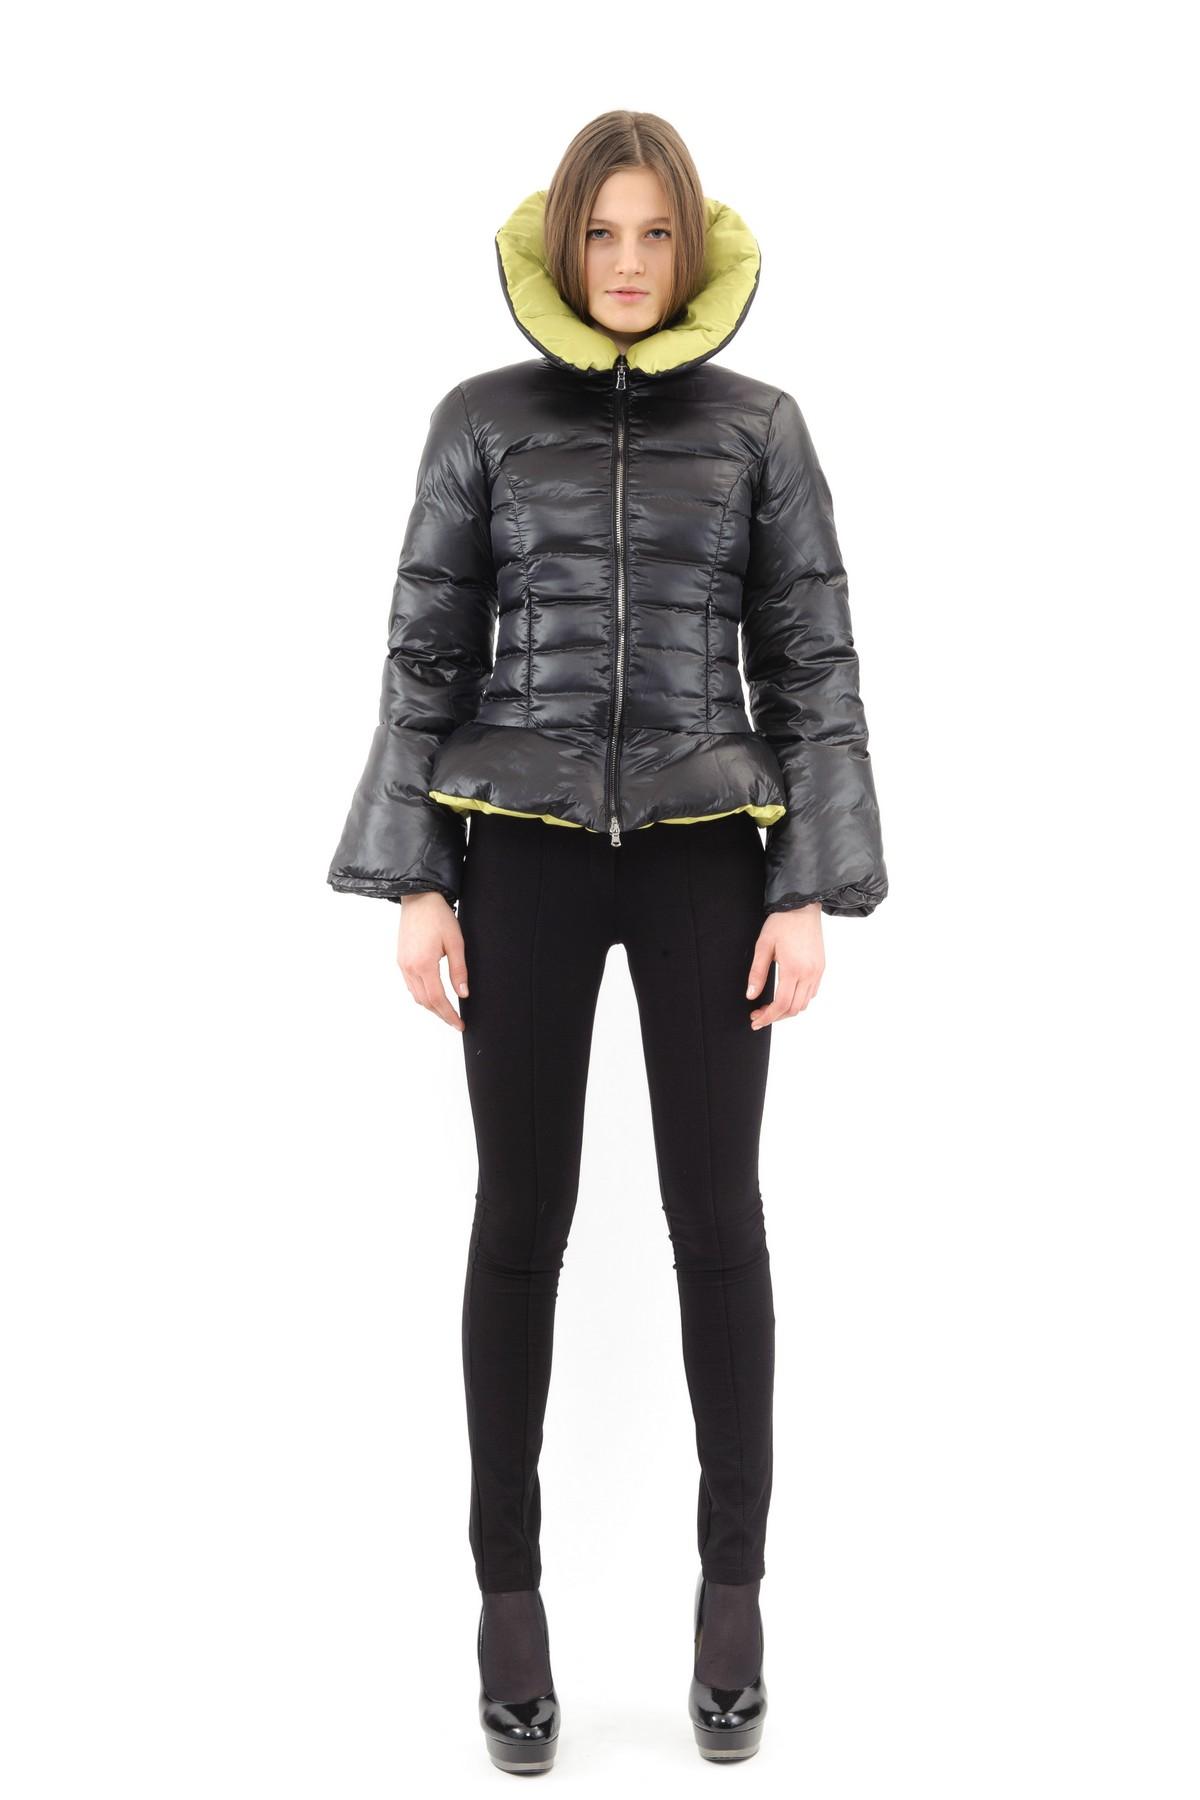 ПуховикЗимние куртки, пальто, пуховики<br>Если Вы любите тепло и уют, тогда Вам идеально подойдет этот замечательный пуховик. Утеплитель из высококачественного 100 % российского гусиного  пуха обеспечивает хорошую терморегуляцию и максимальный уровень комфорта.<br><br>Цвет: черный,лайм<br>Состав: ткань: 100% полиэстер, подкладка: 100% полиэстер, утеплитель: 100% пух<br>Размер: 42,44,46,48,50,52,54,56<br>Страна дизайна: Россия<br>Страна производства: Россия